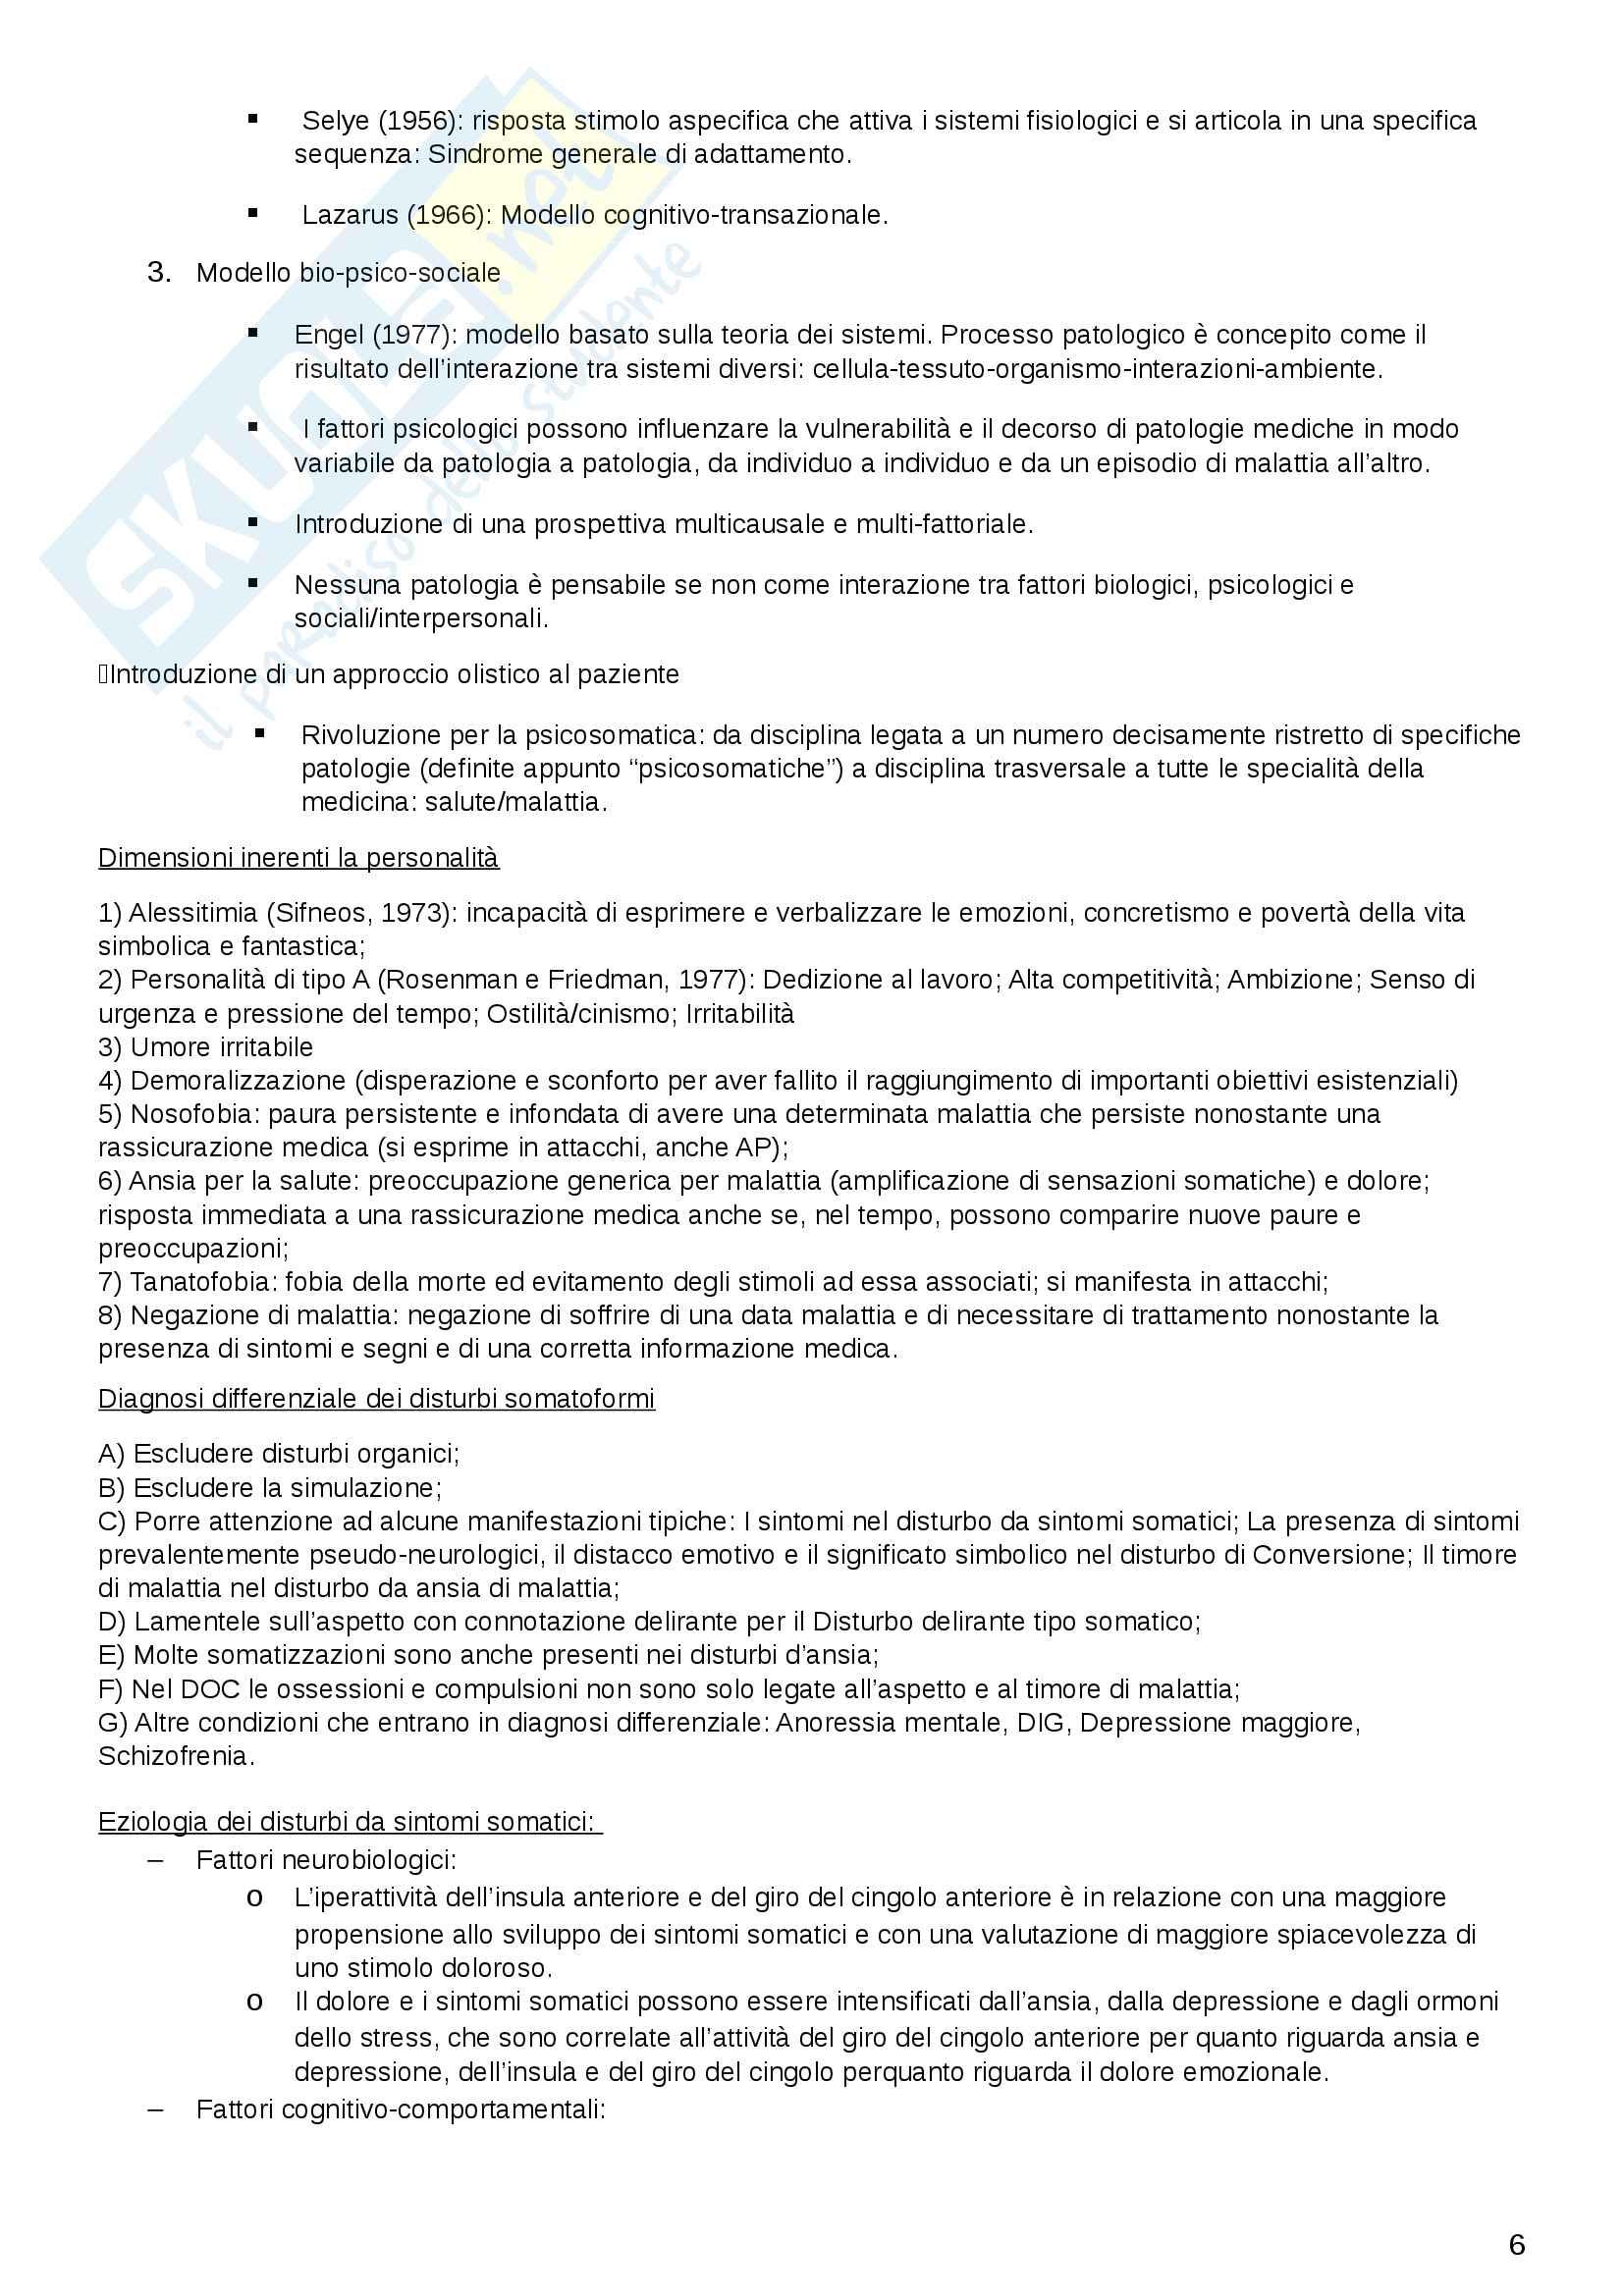 Riassunto DSM-V: disturbi e criteri Pag. 6